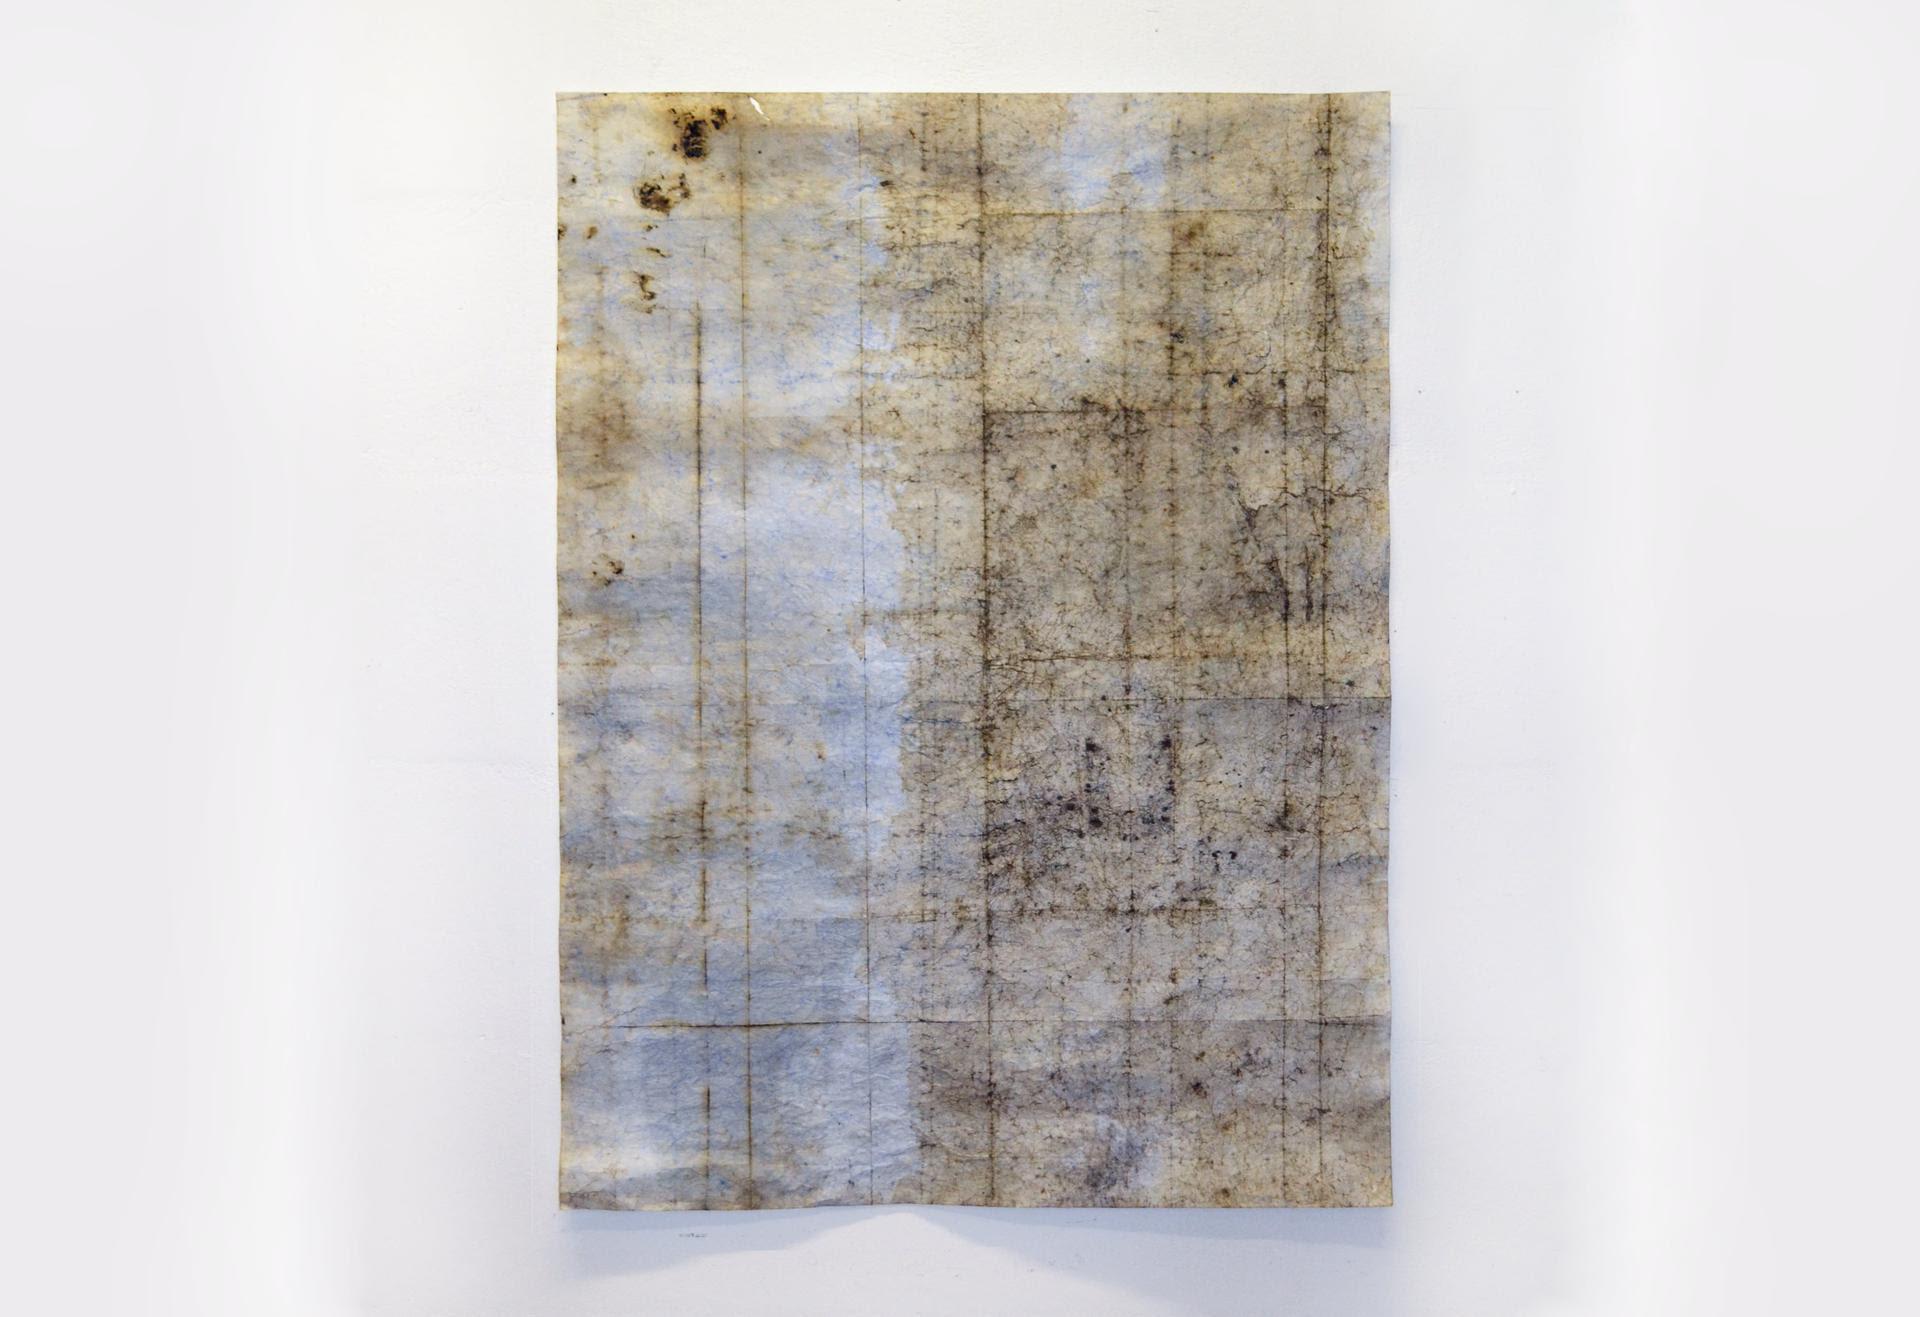 Silvia Infranco, Tracciati, 2014, pigmenti ossidi bitume su carta, 98 x 74,5 cm